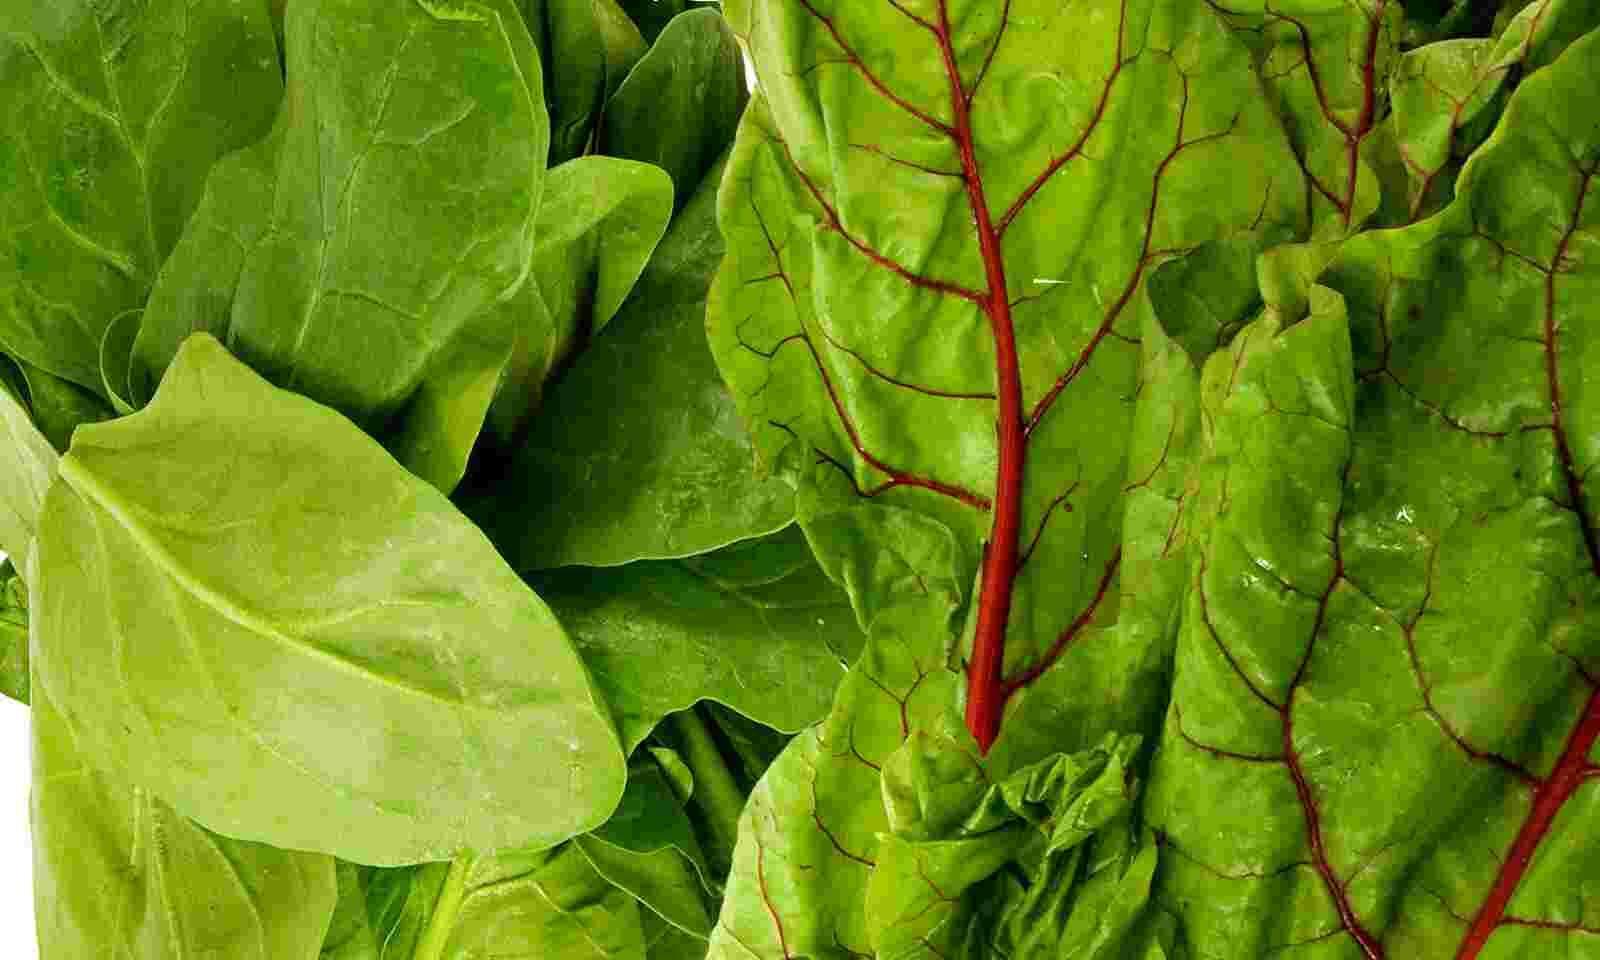 انواع الخضروات الورقية واسمائها